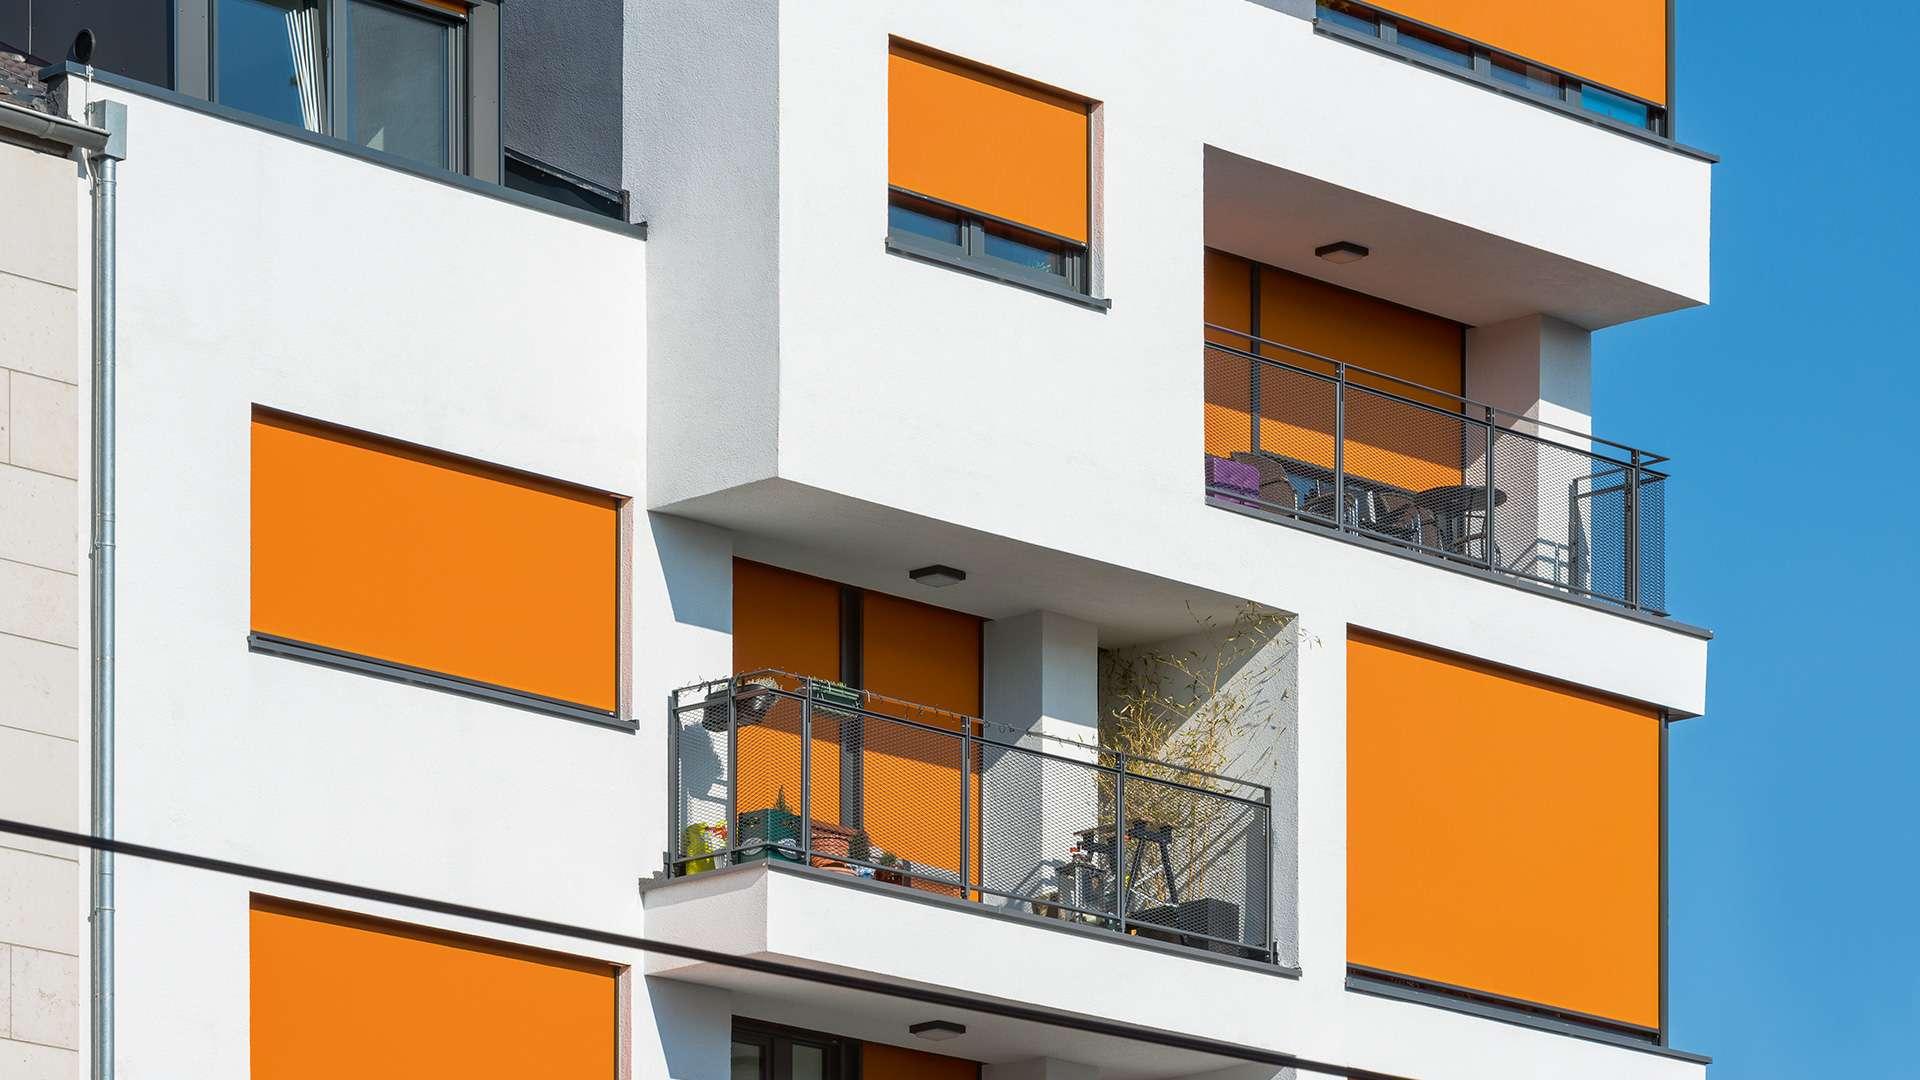 orange Sonnenschutz-Markisen vor den Fenstern eines Mehrfamilienhauses